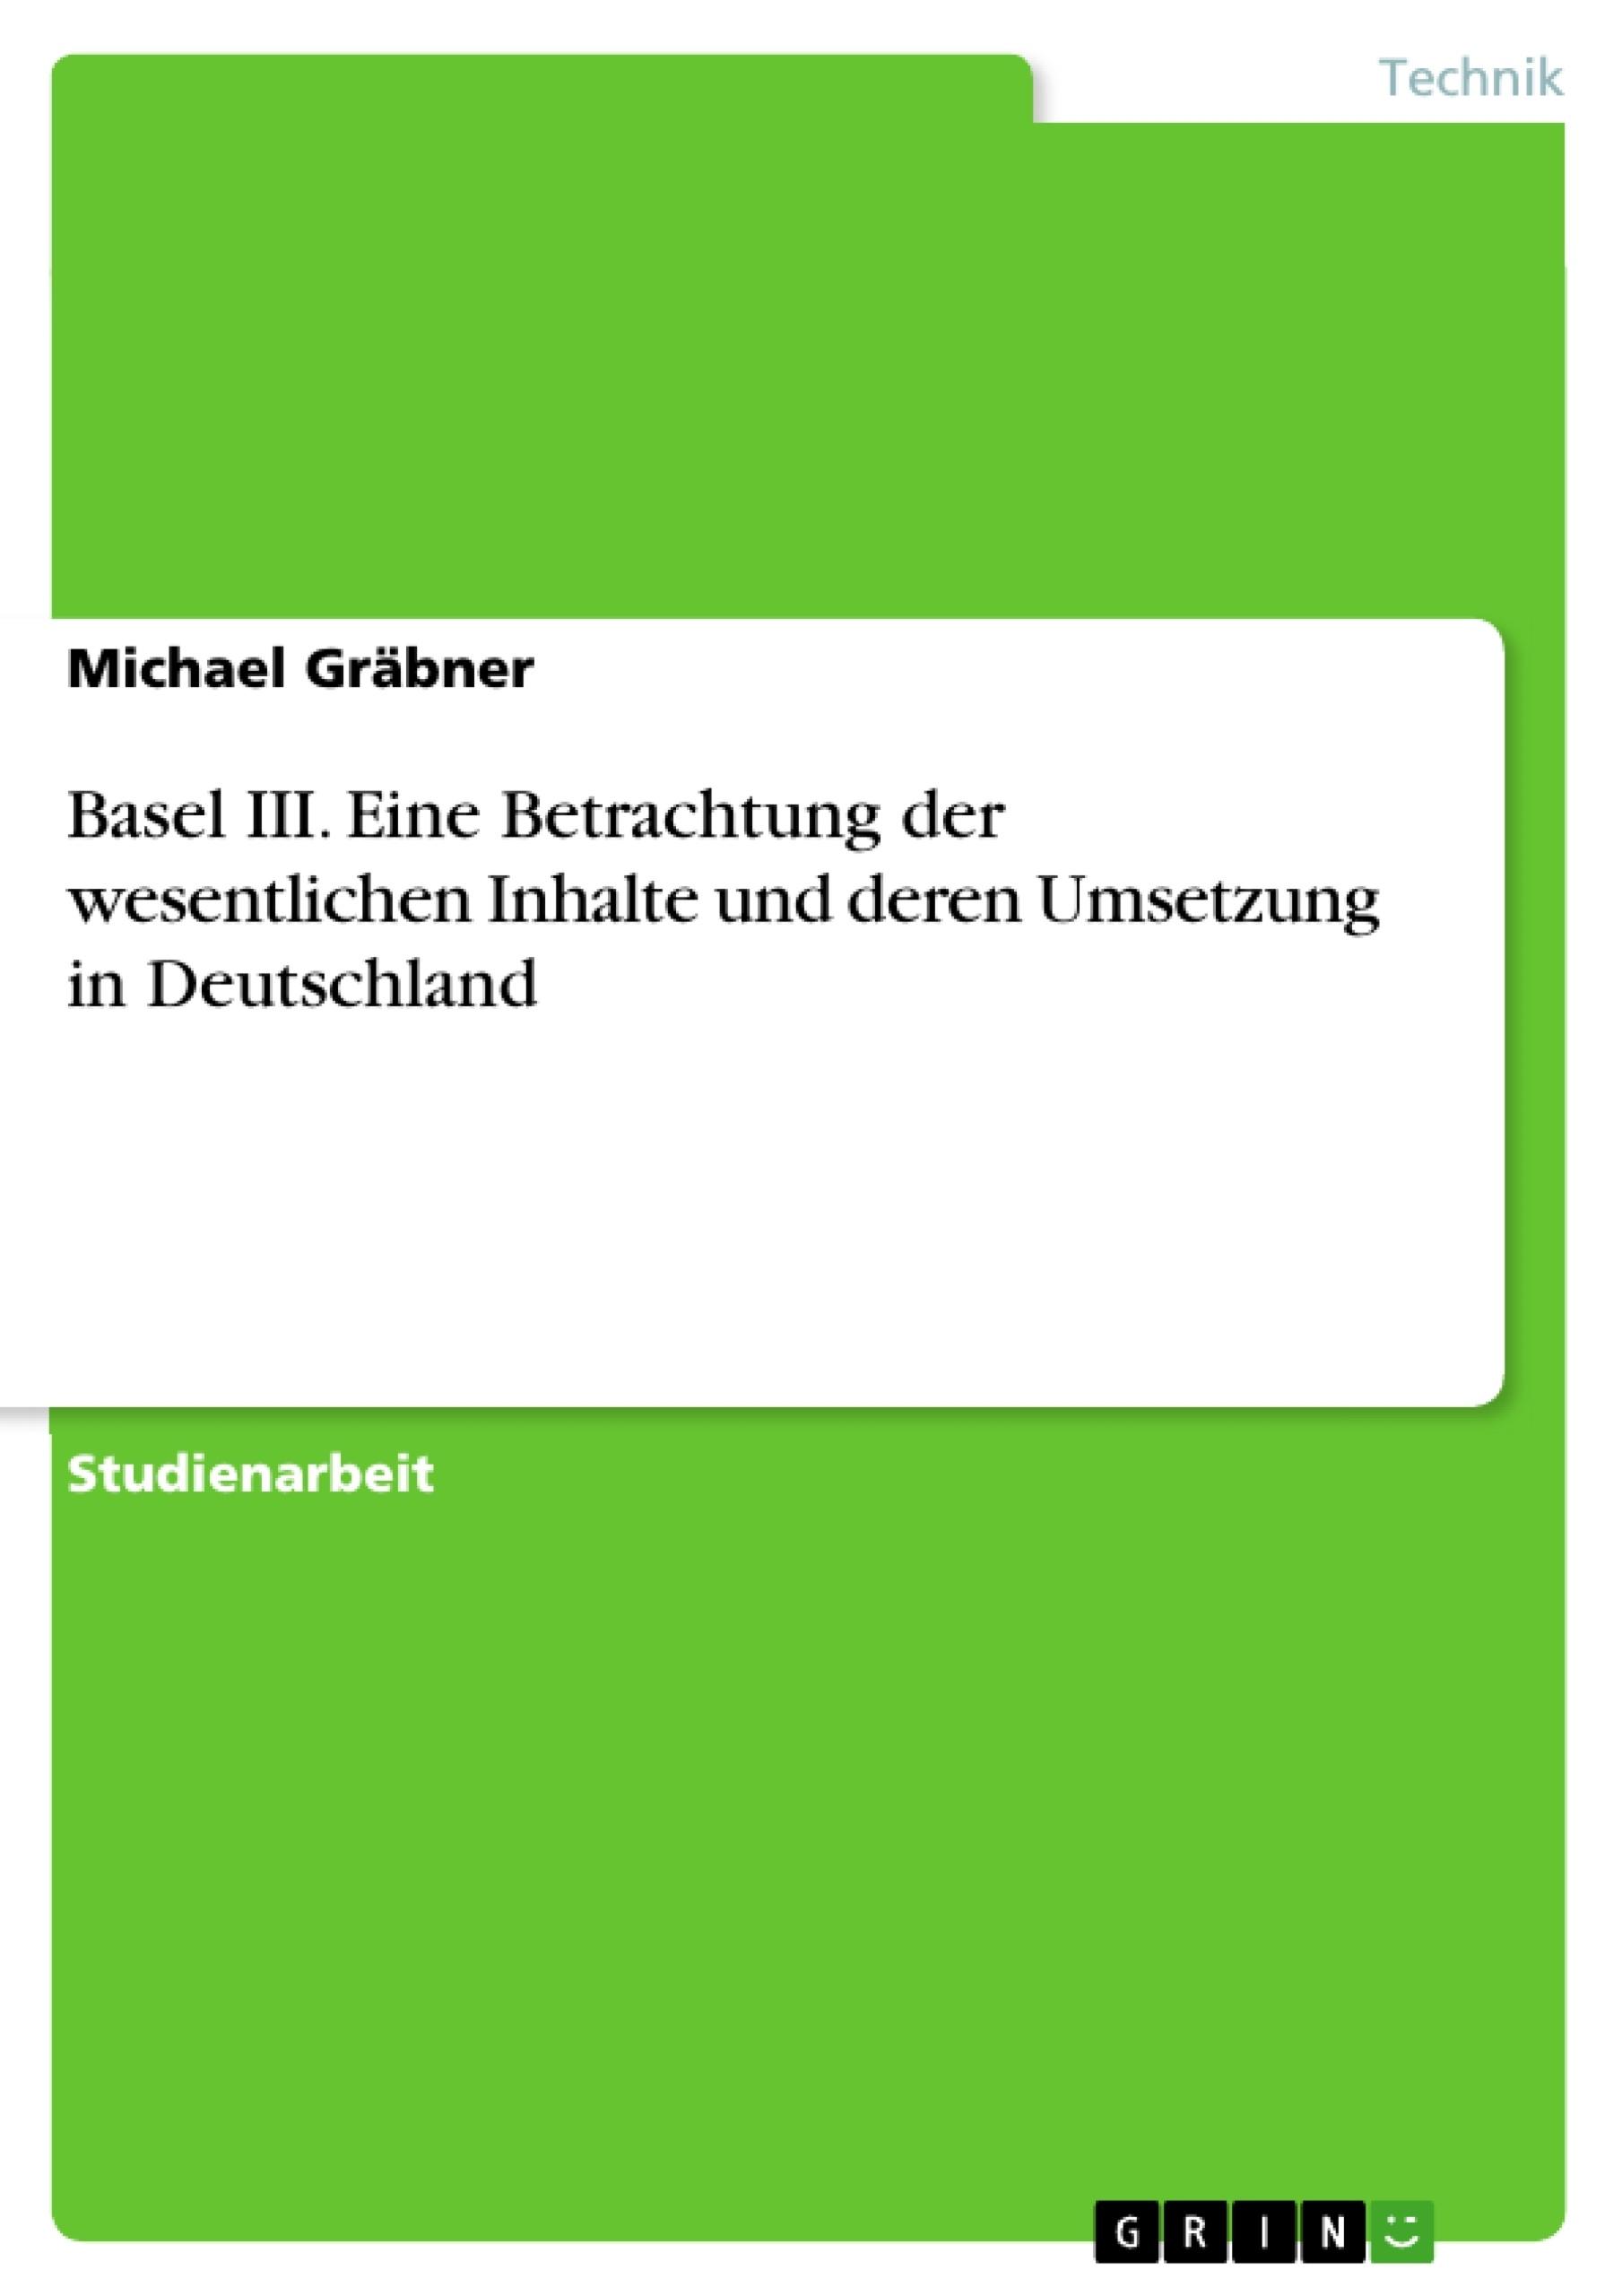 Titel: Basel III. Eine Betrachtung der wesentlichen Inhalte und deren Umsetzung in Deutschland